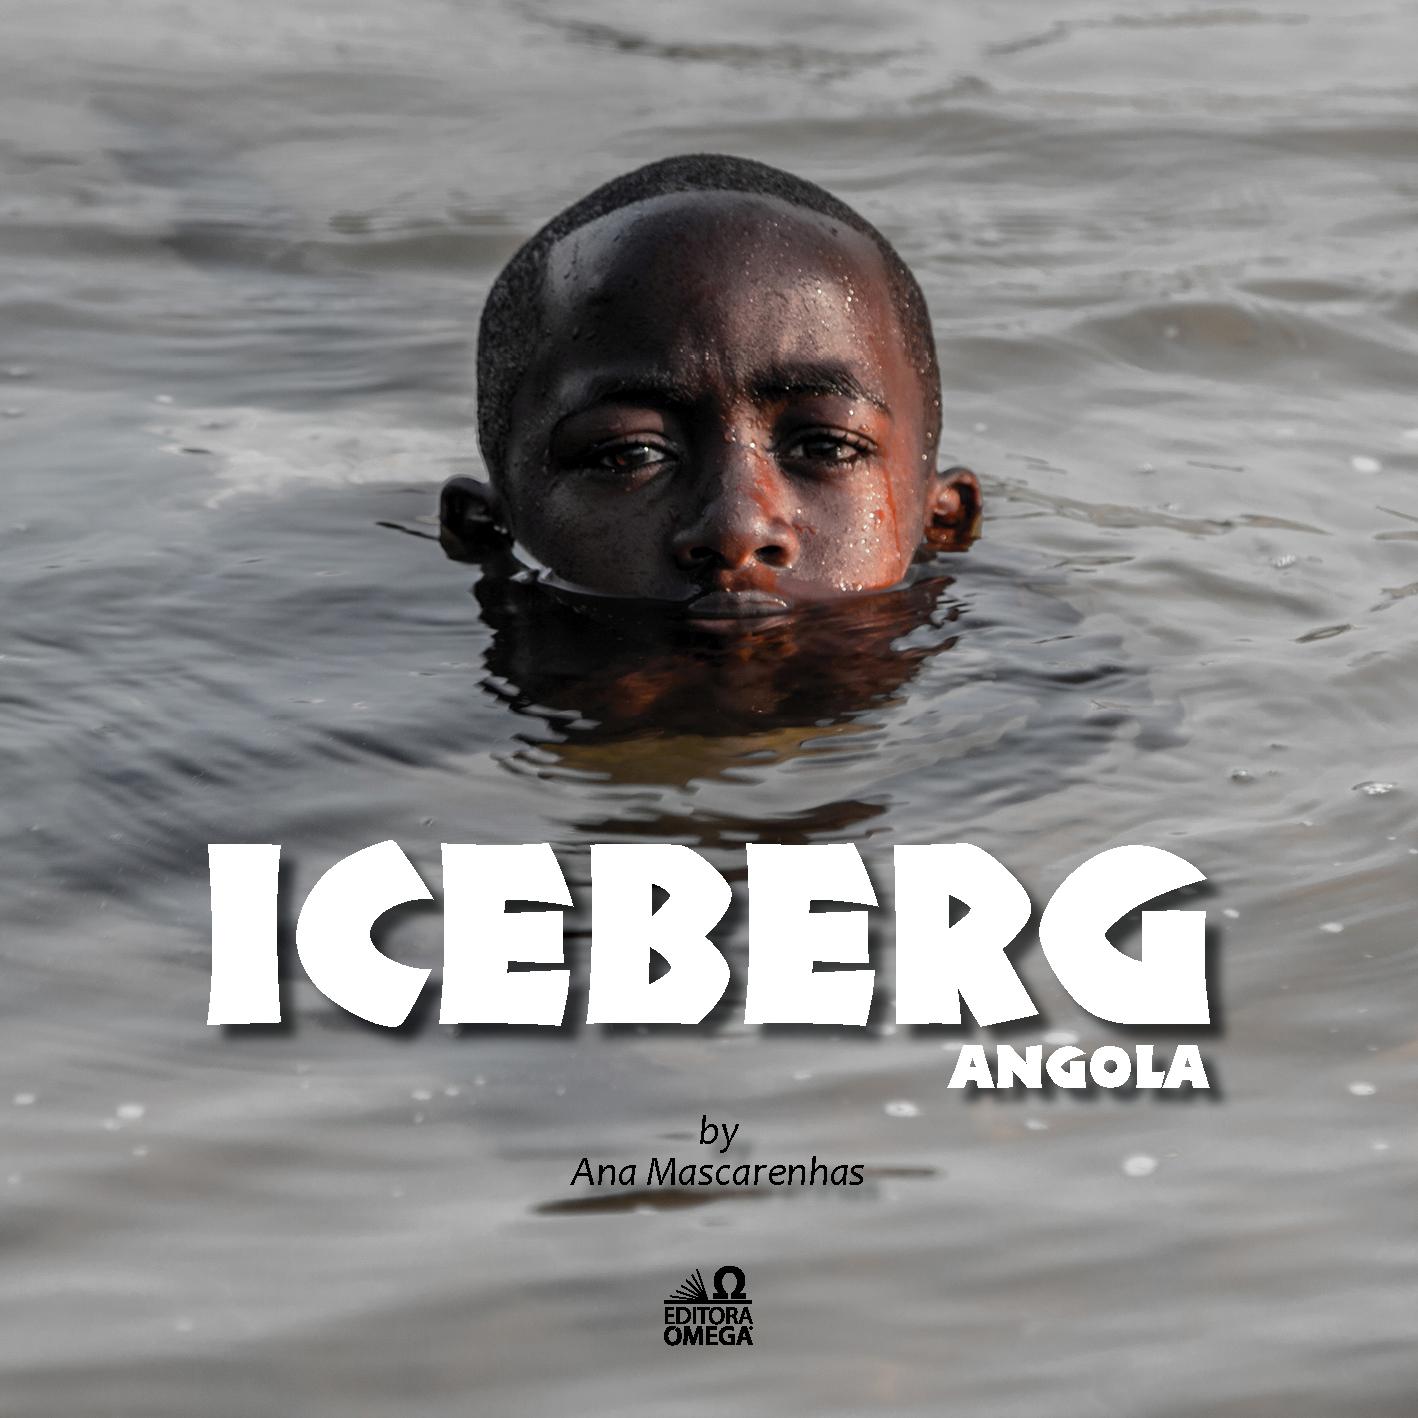 Iceberg Angola - A mais recente obra publicada